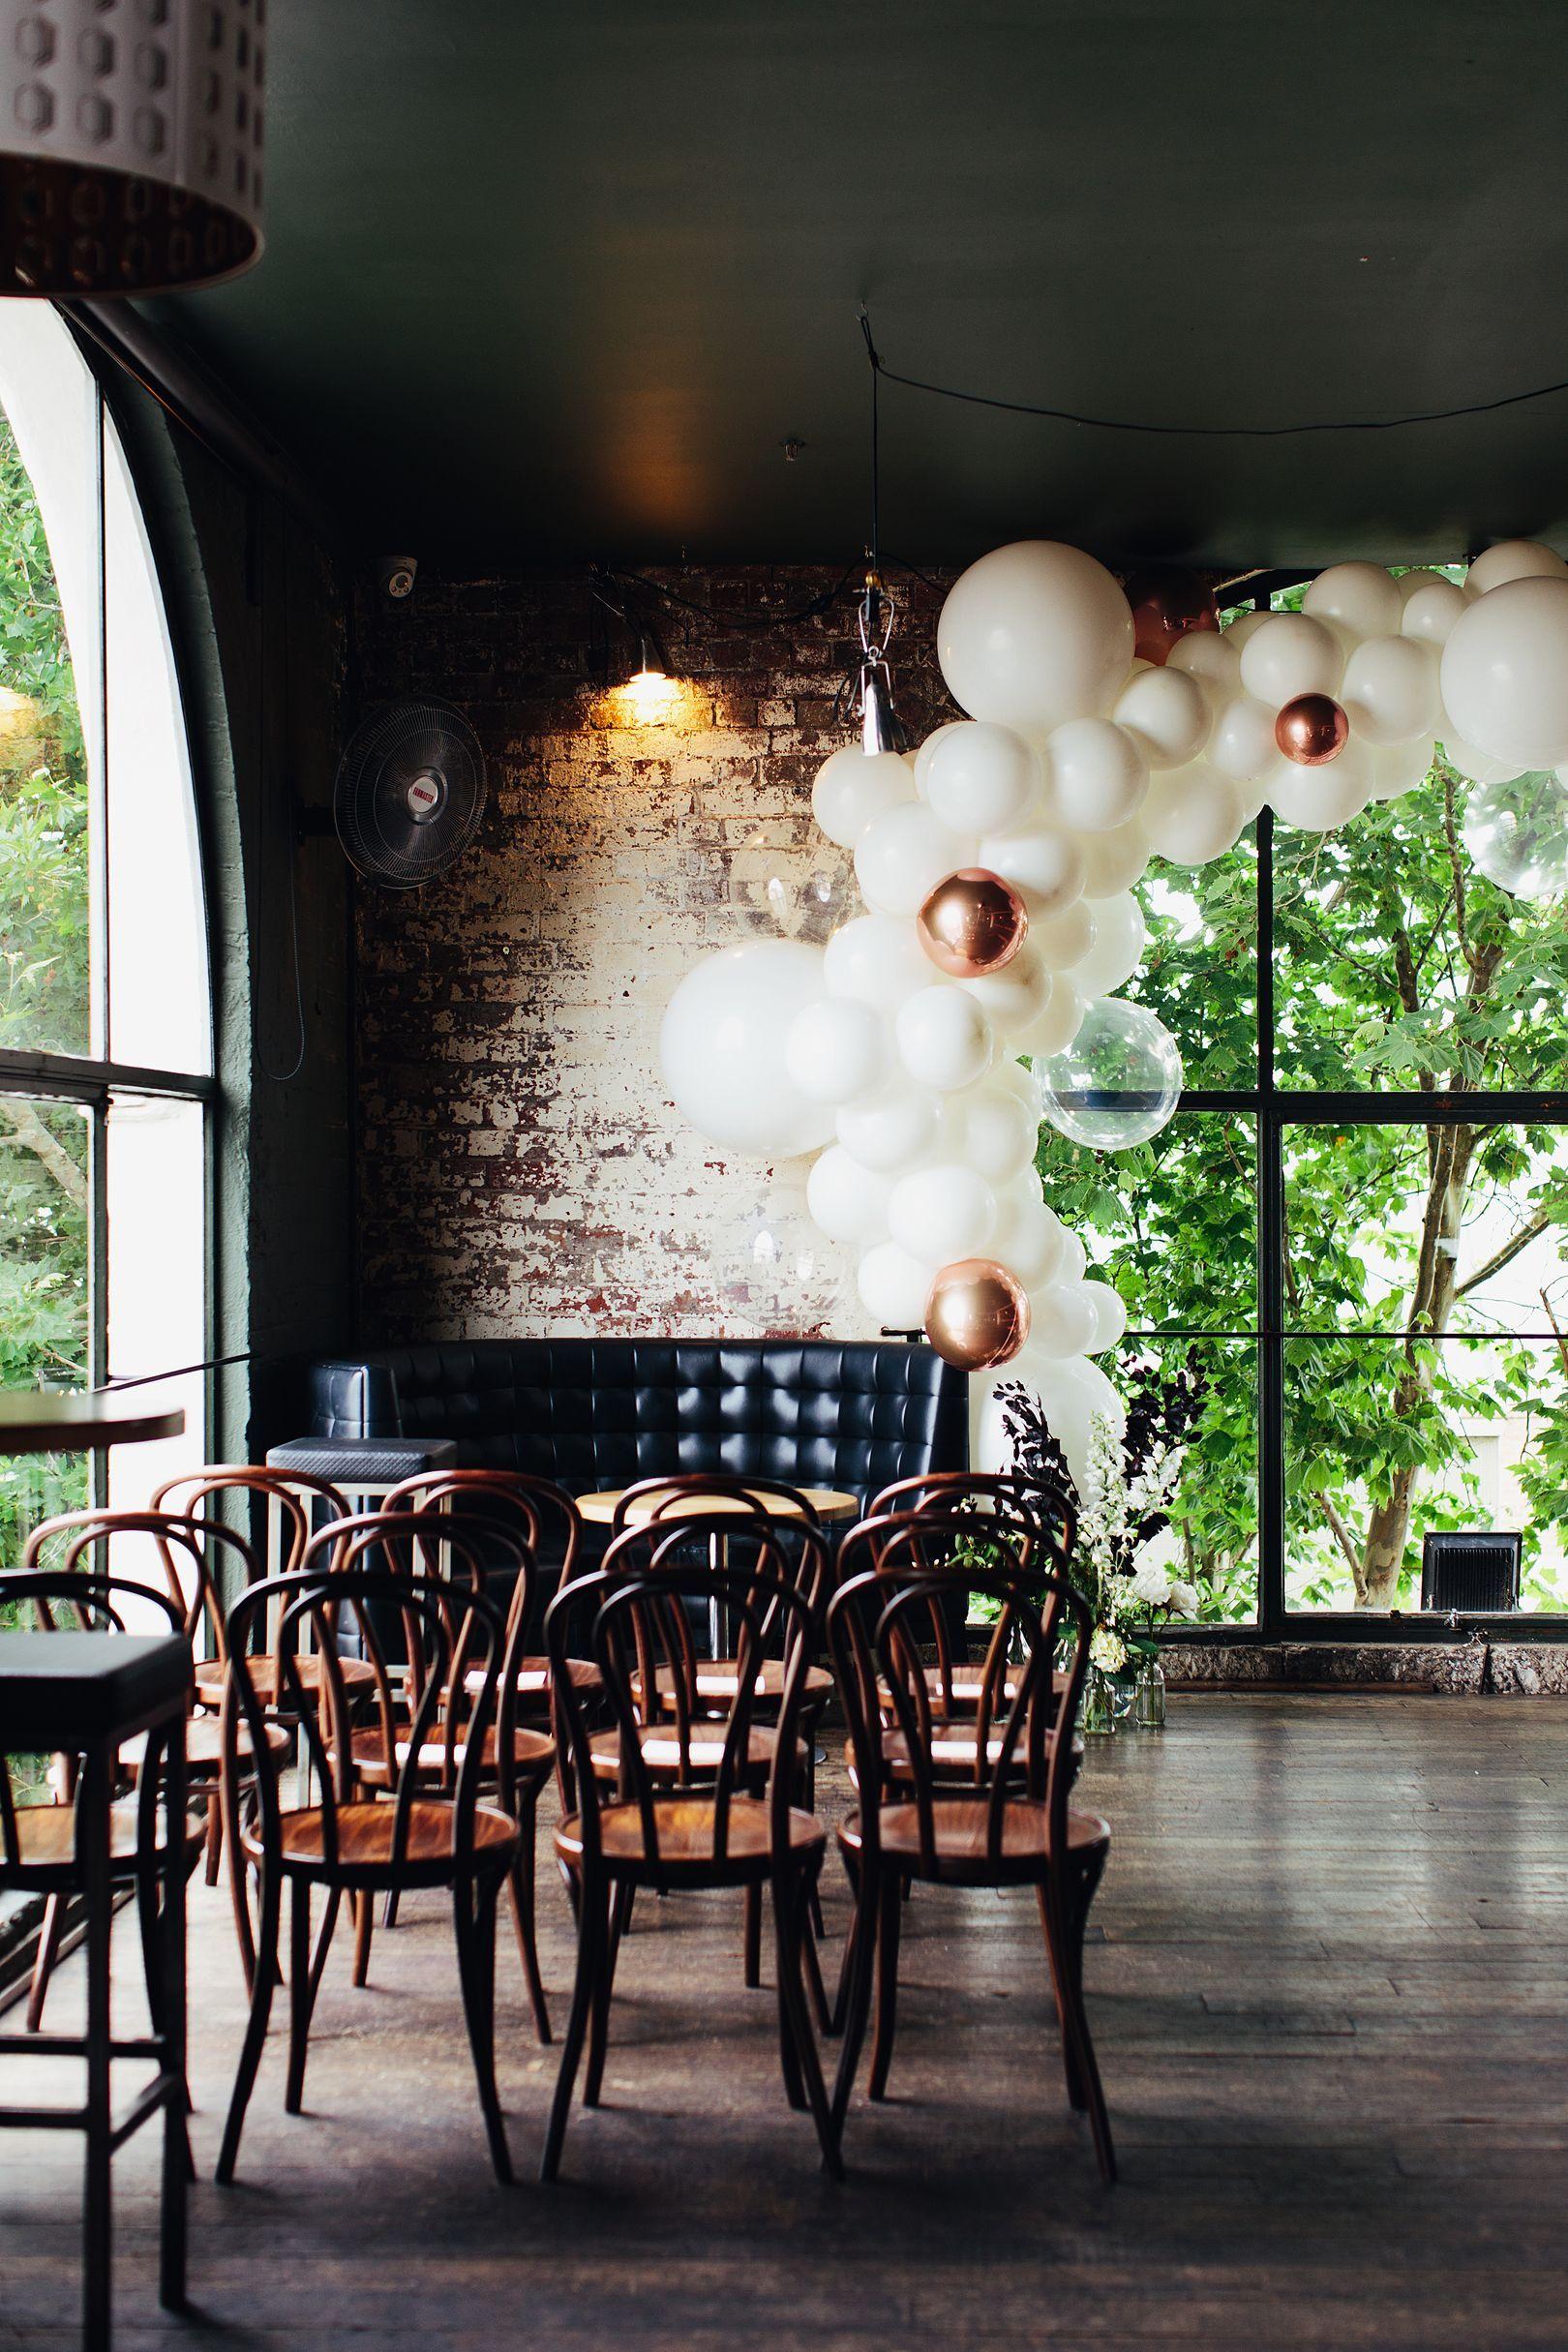 Balloon arch at a wedding  #balloonarch A beautiful balloon arch at a wedding in Panama Dining Room in Melbourne. #balloonarch